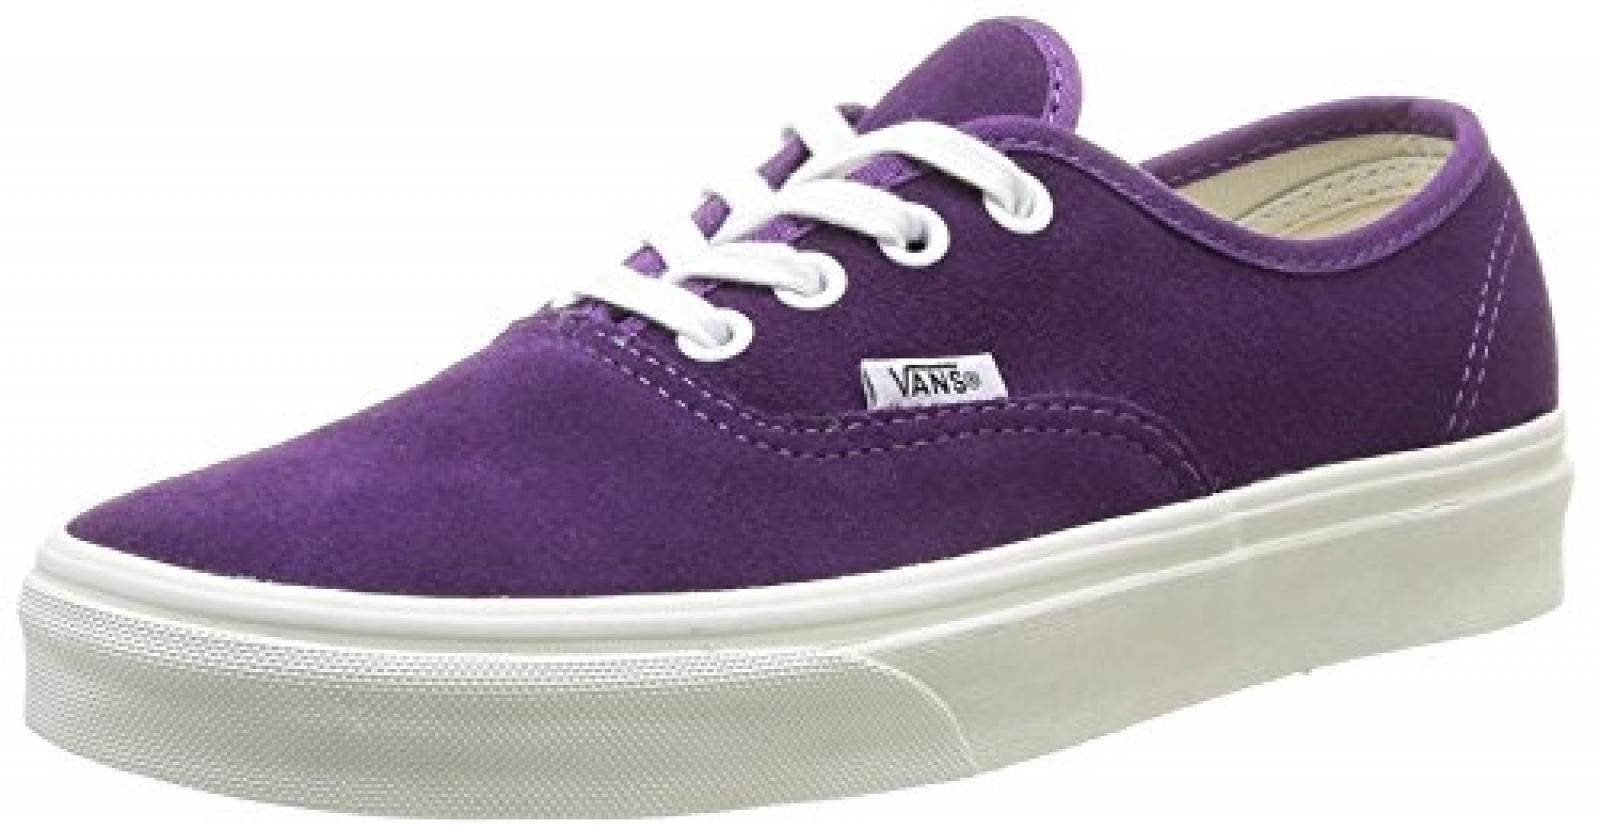 Vans U AUTHENTIC (VINTAGE SUEDE) Unisex-Erwachsene Sneakers